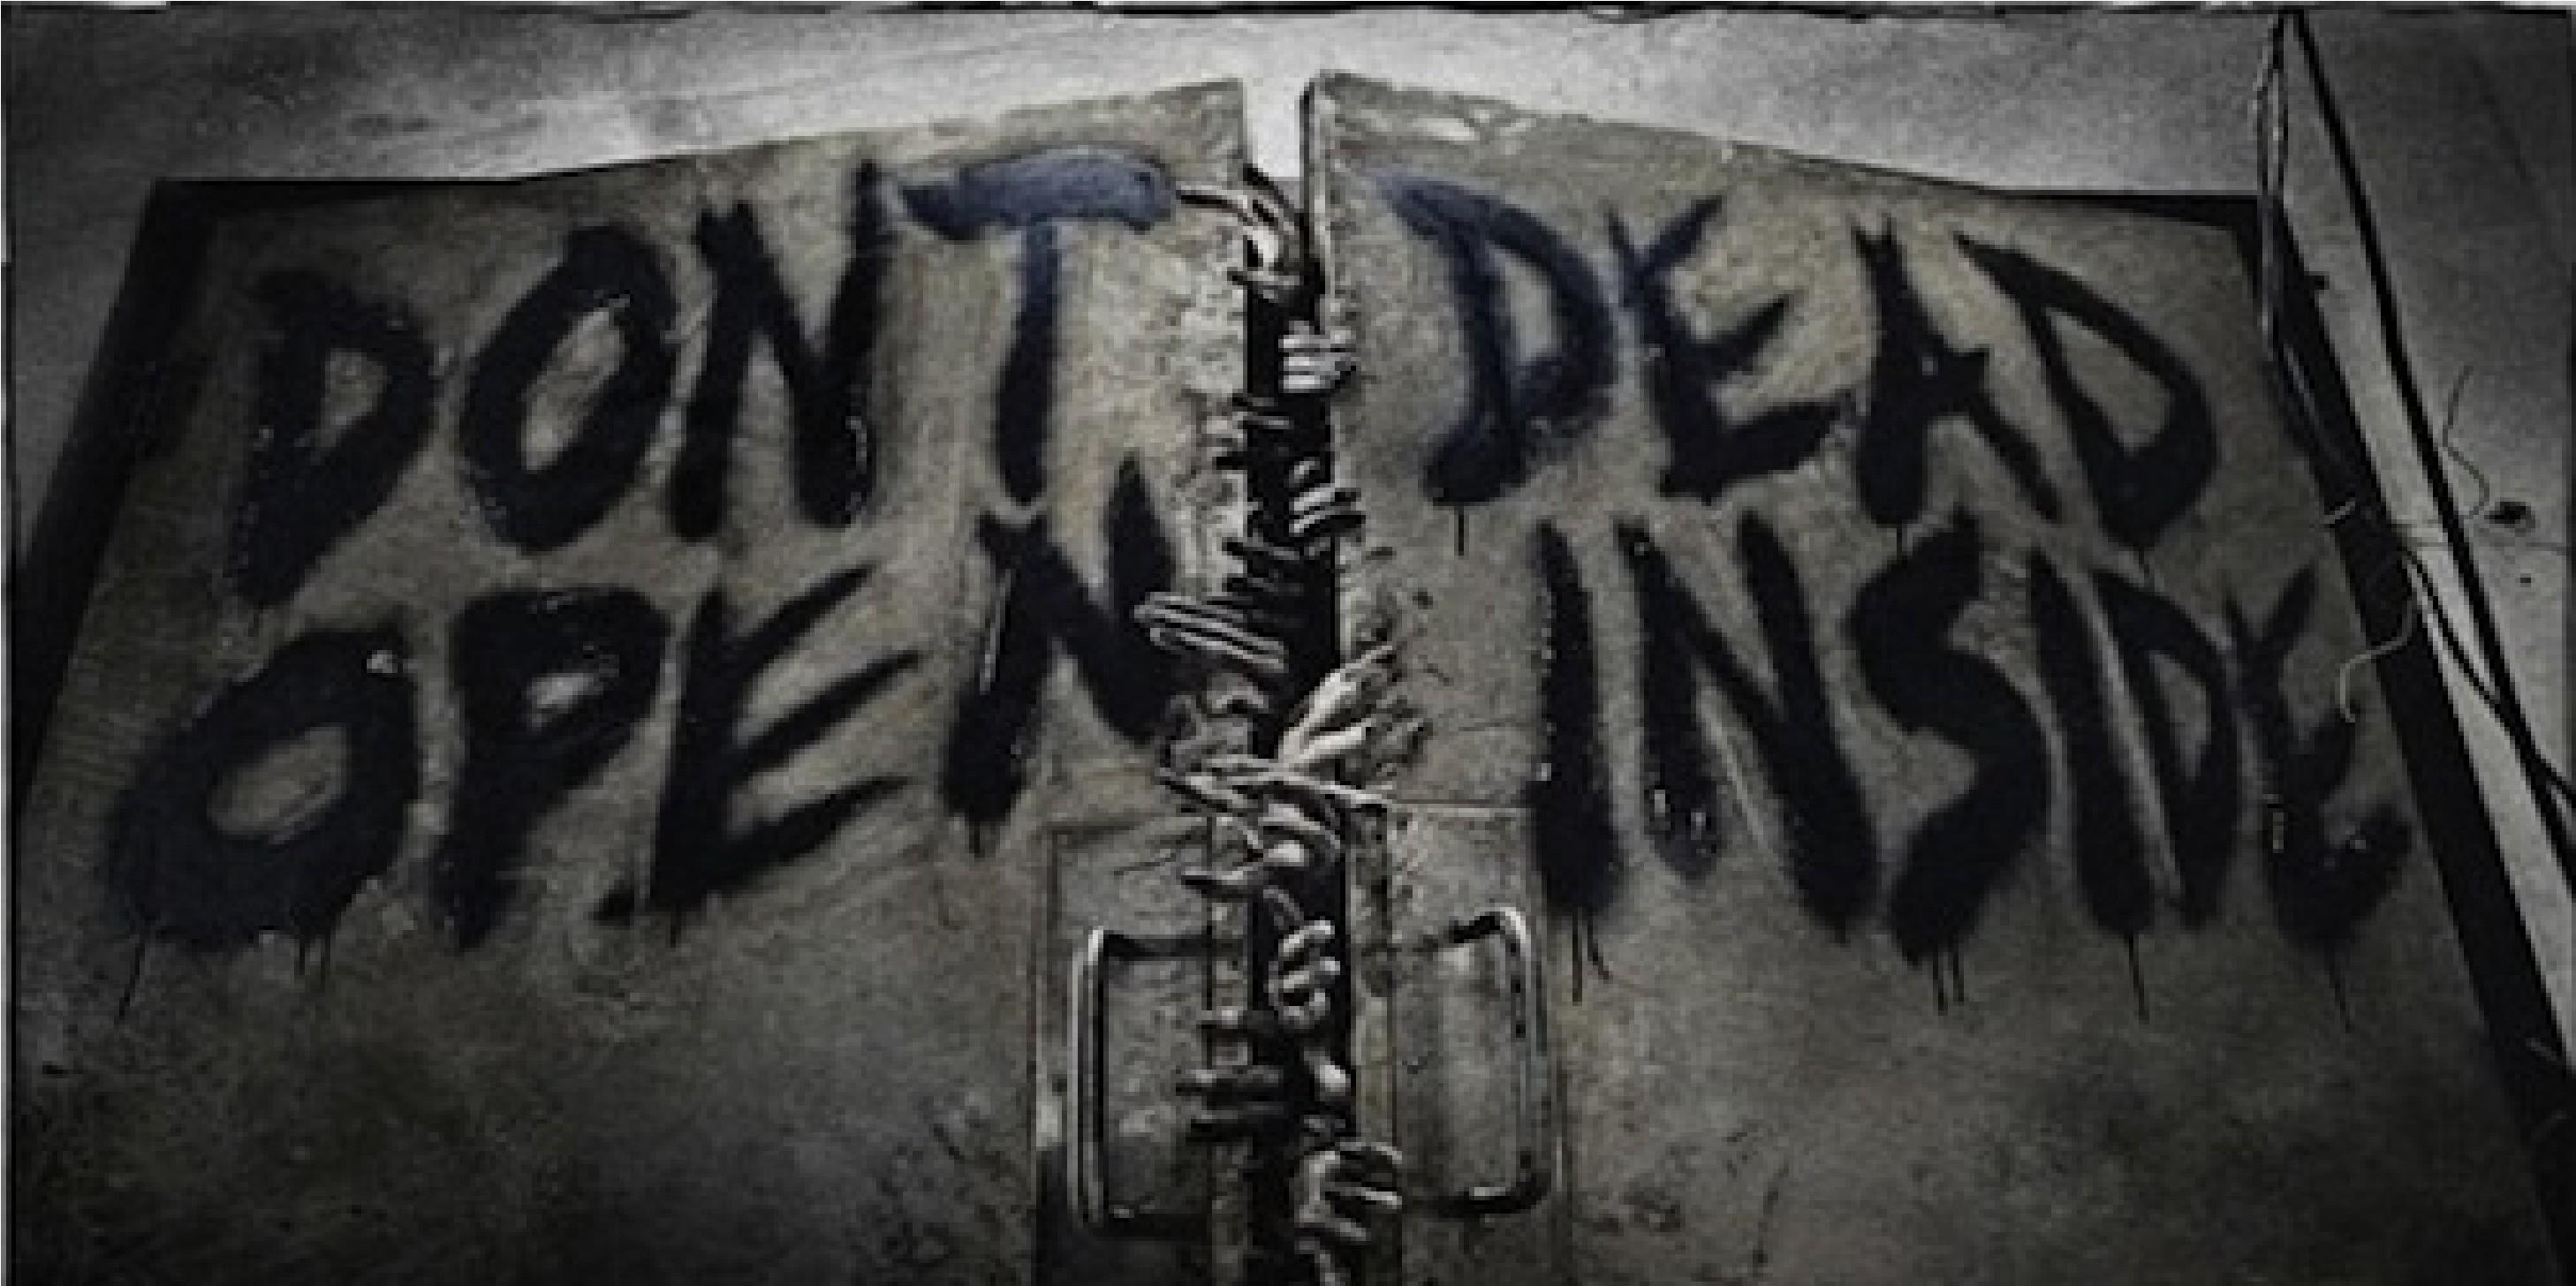 The Walking Dead Desktop Wallpaper   The walking dead season 4 glenn and  maggie wallpaper   DONT OPEN DEAD INSIDE   Pinterest   Dead inside